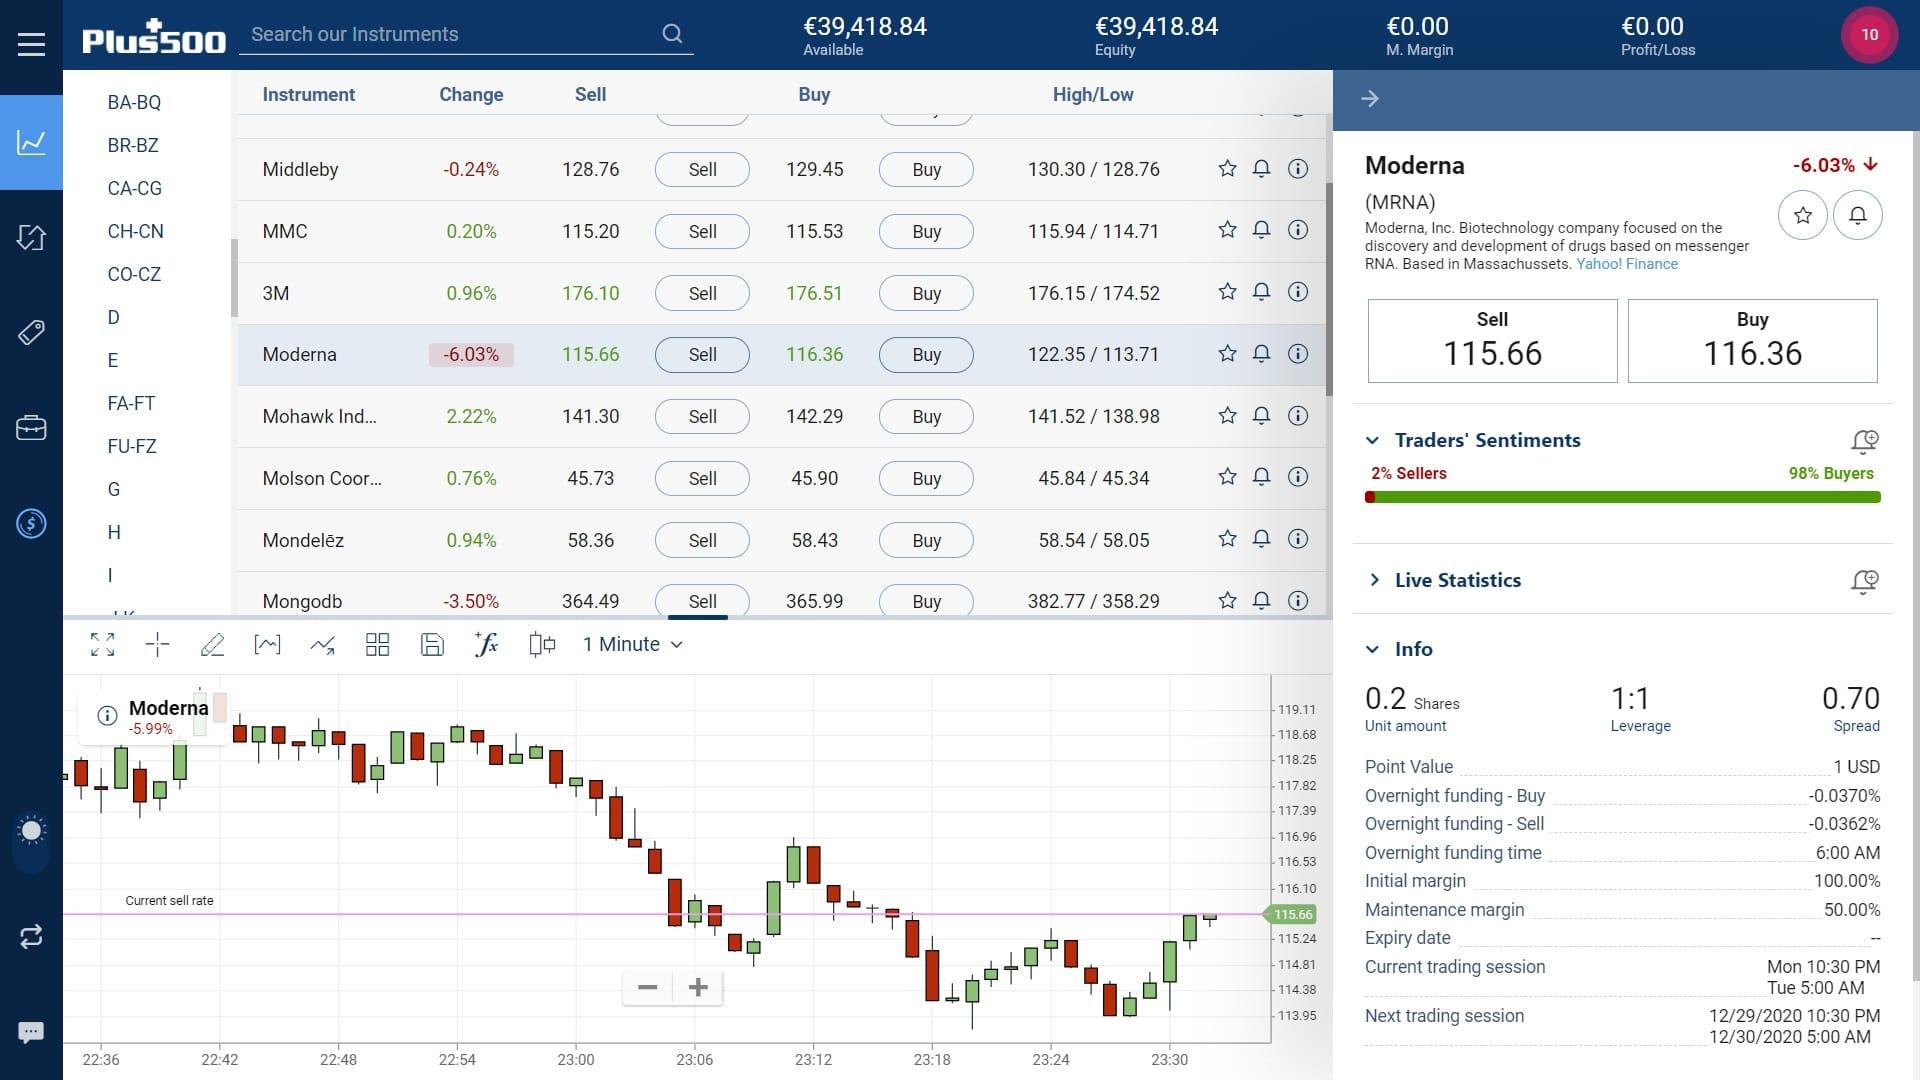 Moderna stock trading on Plus500's WebTrader platform